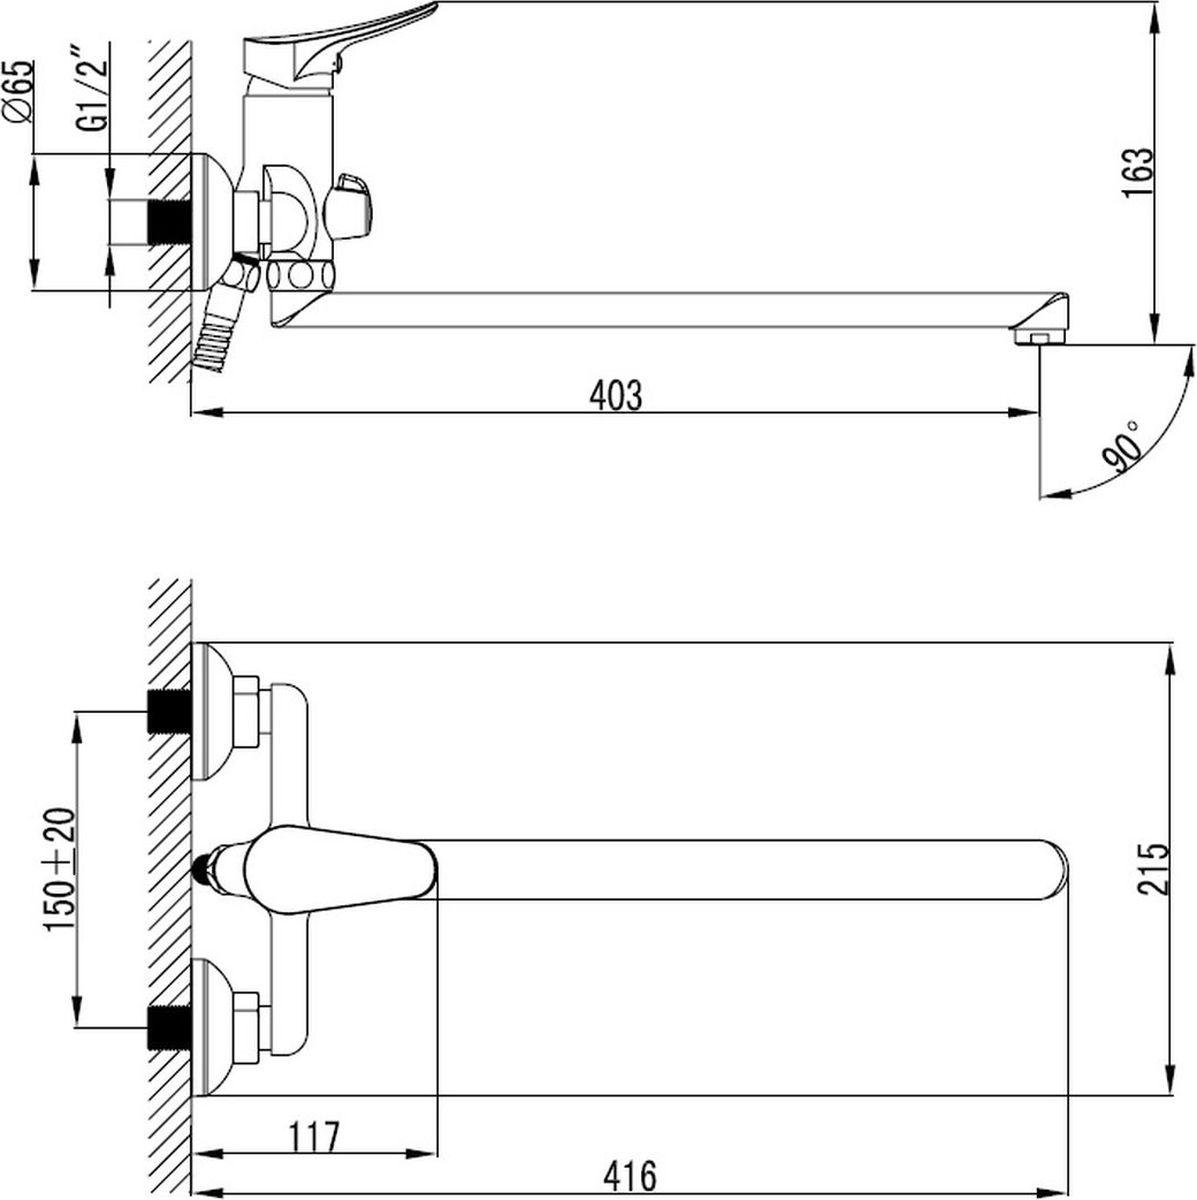 """Смеситель для ванны """"Milardo"""" изготовлен из высококачественной первичной латуни, прочной, безопасной и стойкой к коррозии. Инновационные технологии литья и обработки латуни, а также увеличенная толщина стенок смесителя обеспечивают его стойкость к перепадам давления и температур. Увеличенное никель-хромовое покрытие полностью соответствует европейским стандартам качества, обеспечивает его стойкость и зеркальный блеск в течение всего срока службы изделия.Благодаря гладкой внутренней поверхности смесителя, рассекателям в водозапорных механизмах и аэратору он имеет минимальный уровень шума. Смеситель оборудован керамическим дивертором, чей сверхнадежный механизм обеспечивает плавное и мягкое переключение с излива на душ, а также непревзойденную надежность при любом давлении воды. В комплект входят лейка и шланг из нержавеющей стали длиной 1,5 м с защитой от перекручивания.Аэратор: съемный пластиковый.Картридж: керамический. Диаметр картриджа: 35 мм.Дивертор: керамический.Длина излива: 40,3 см."""